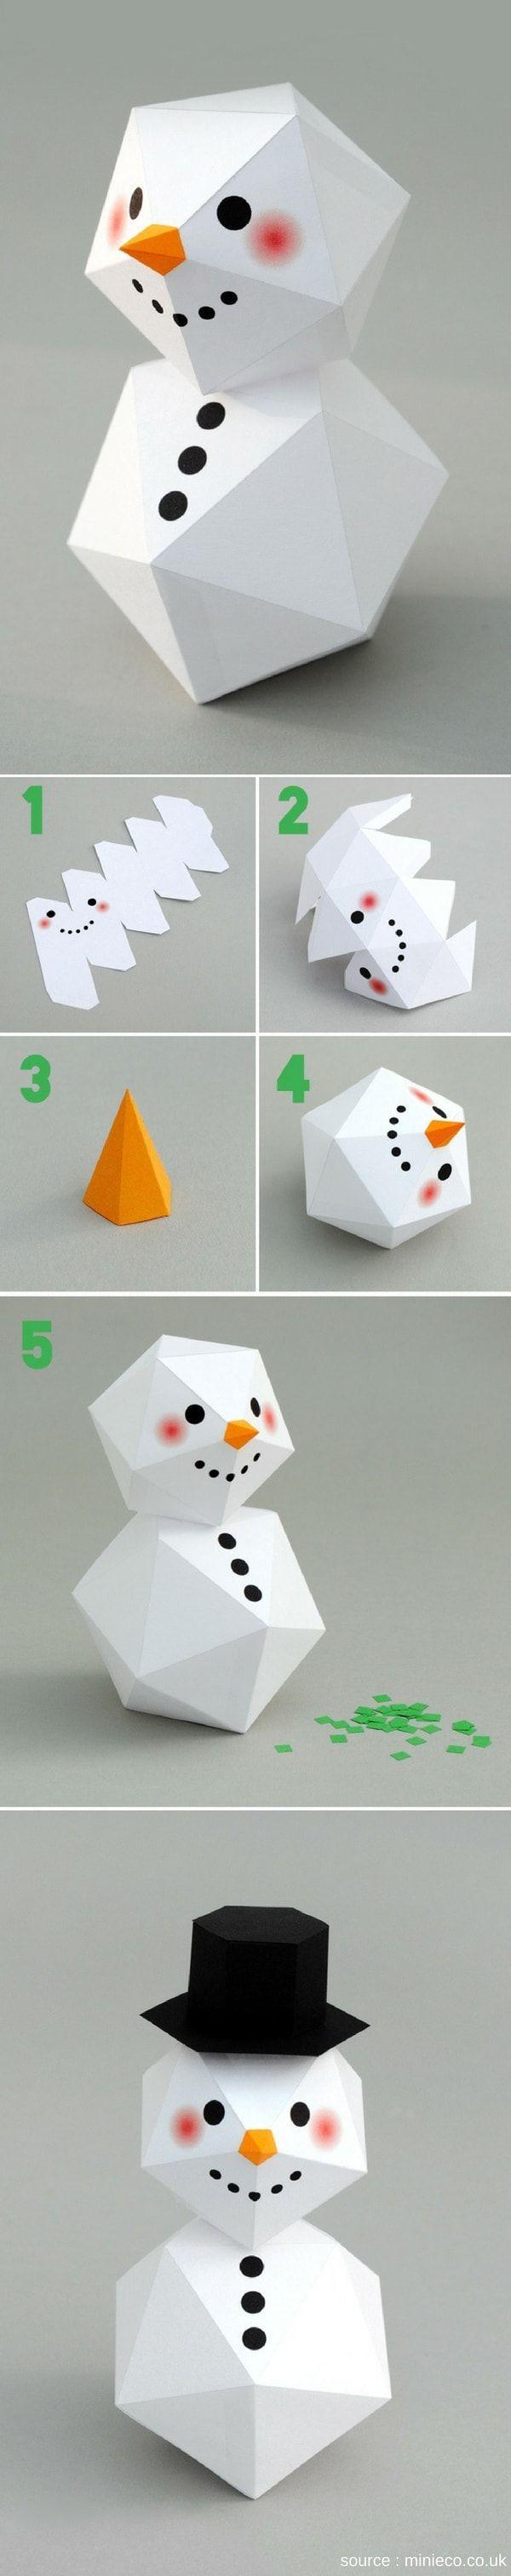 Un bonhomme de neige géométrique et origami à fabriquer pour une décoration de Noël moderne et graphique !